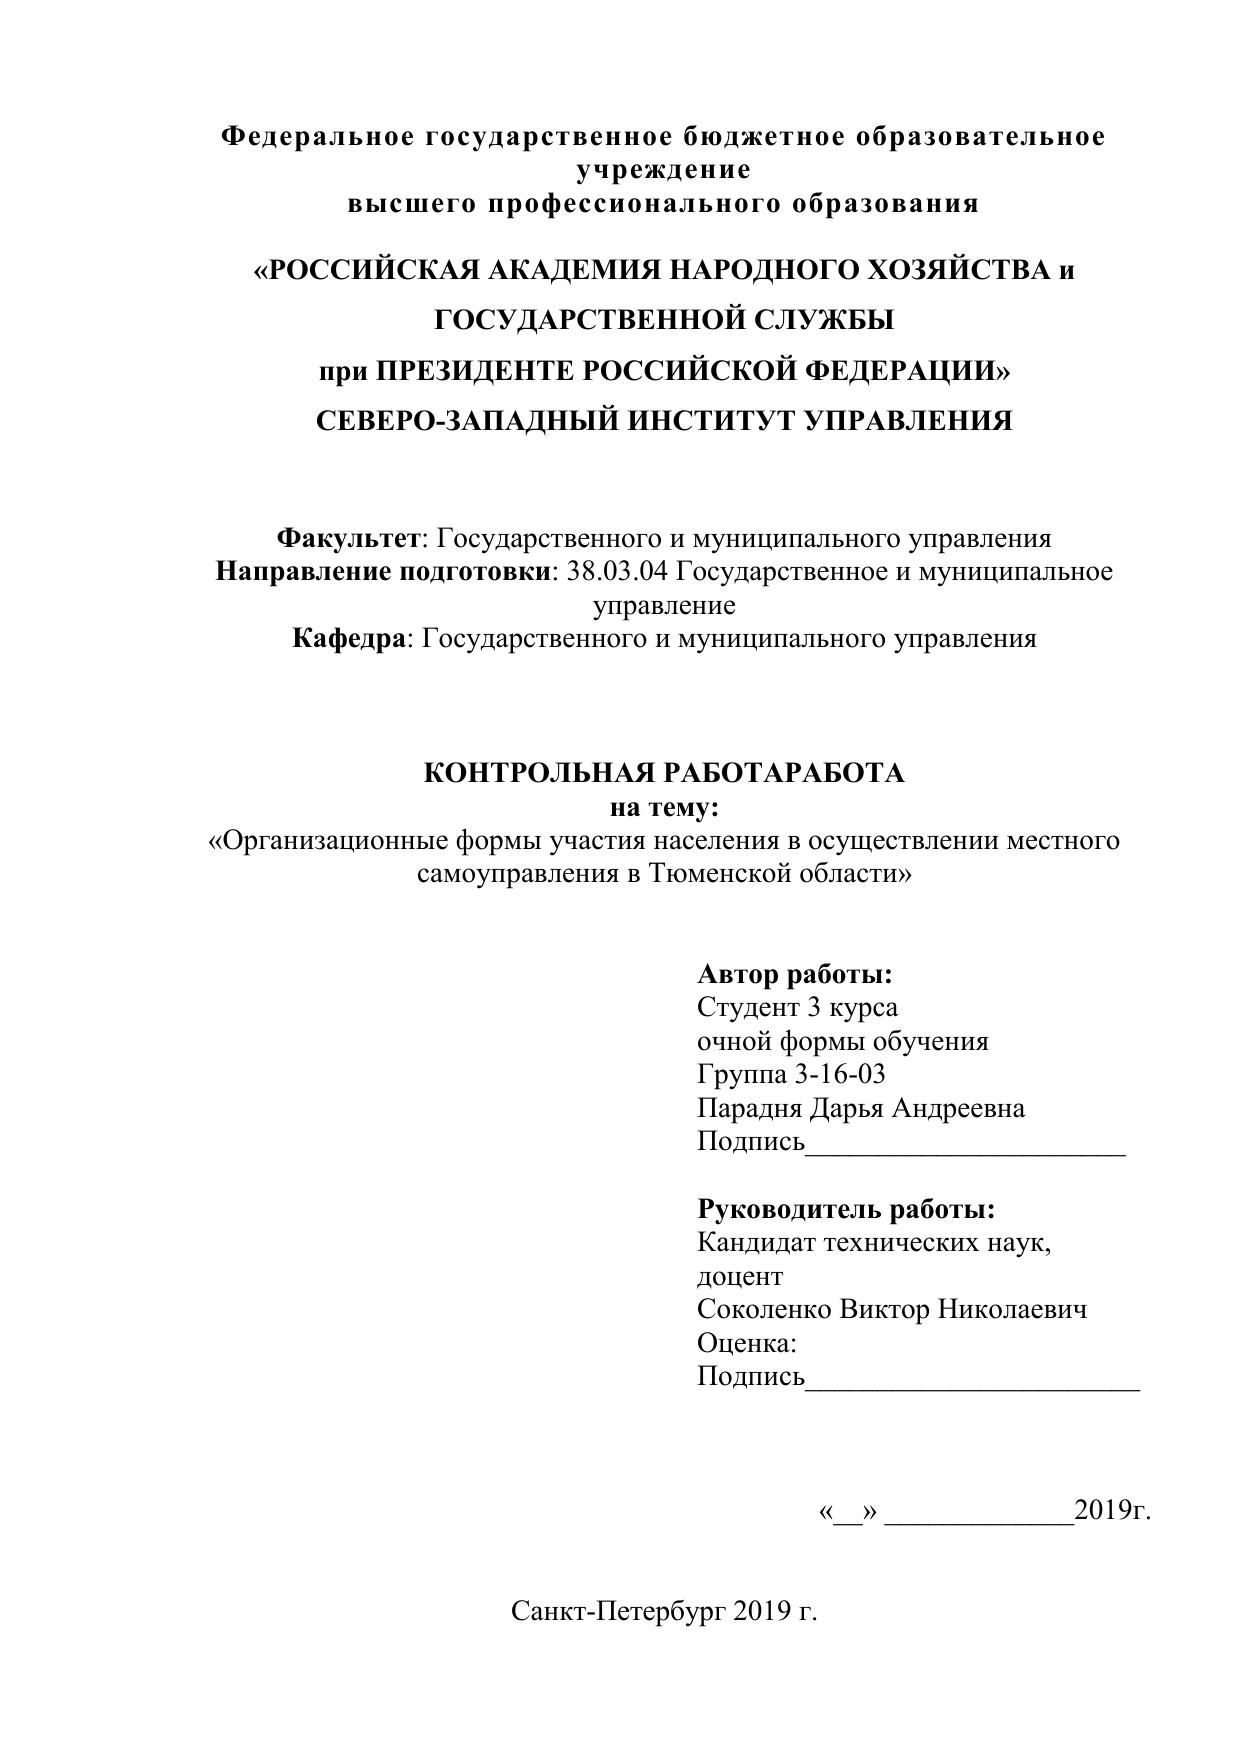 Контрольная работа местное самоуправление в российской федерации 2838